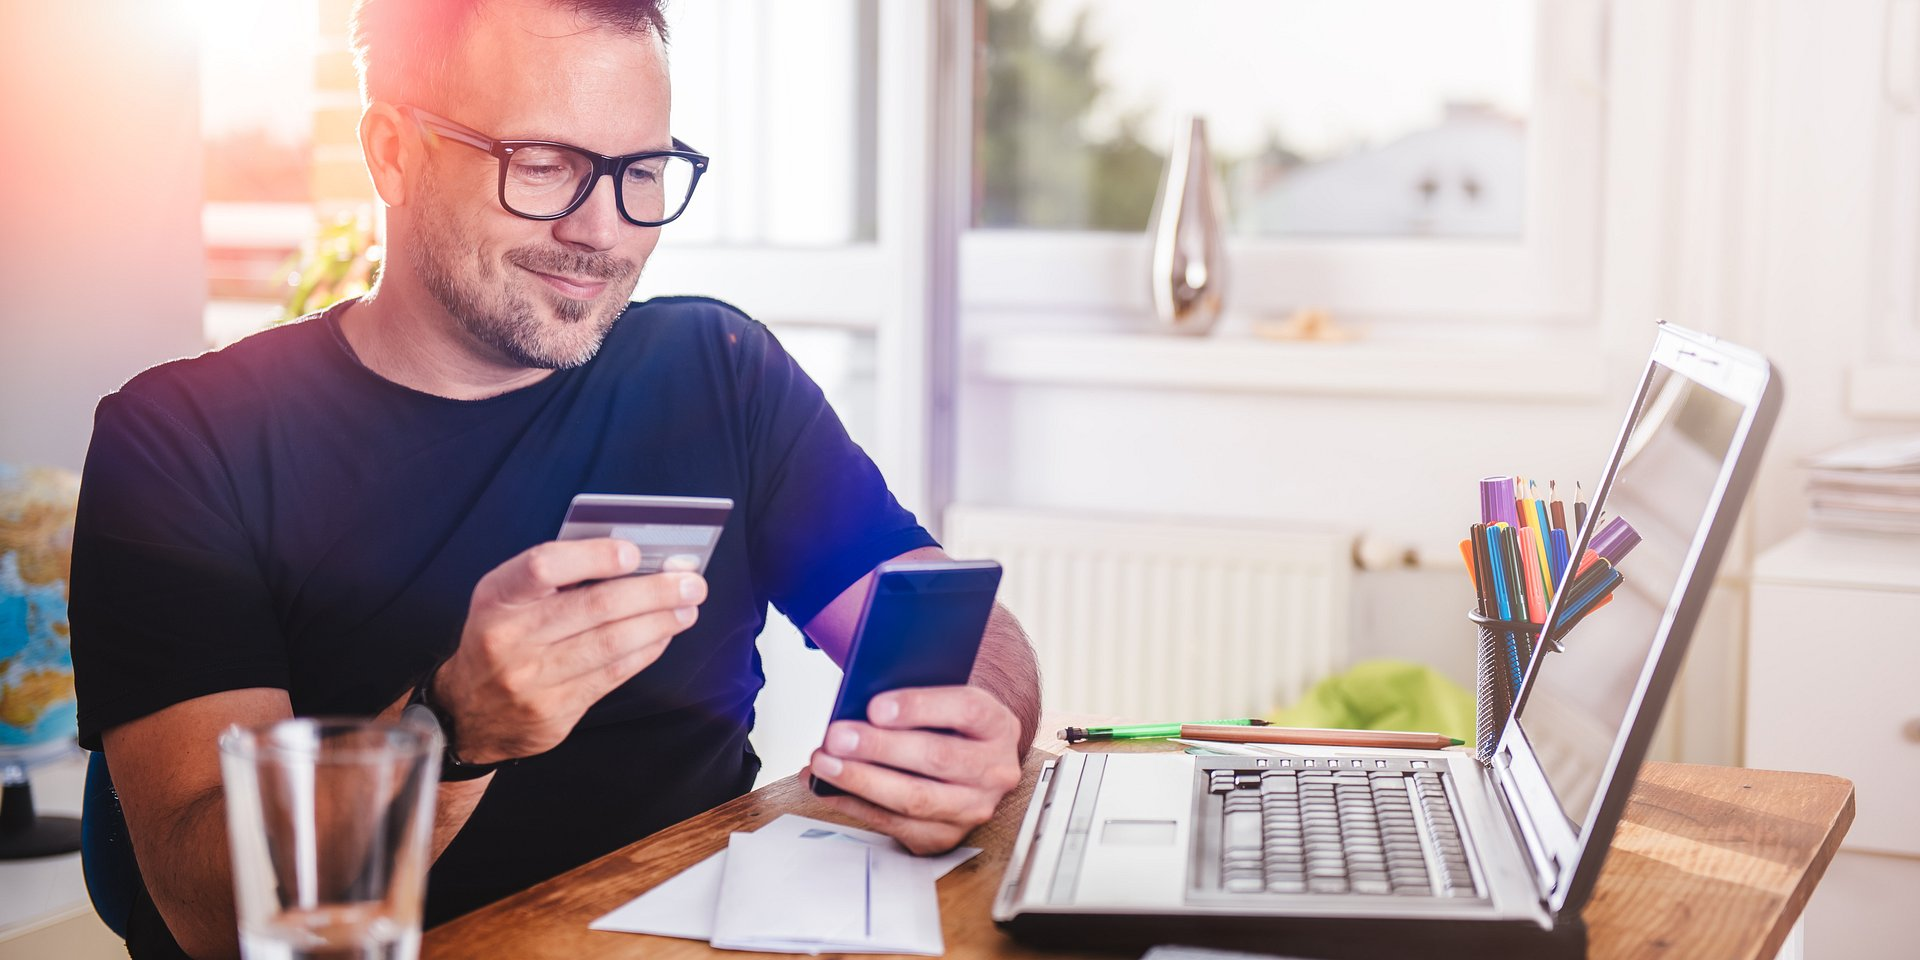 Prowadzenie firmy w domu – wszystko, co musisz wiedzieć